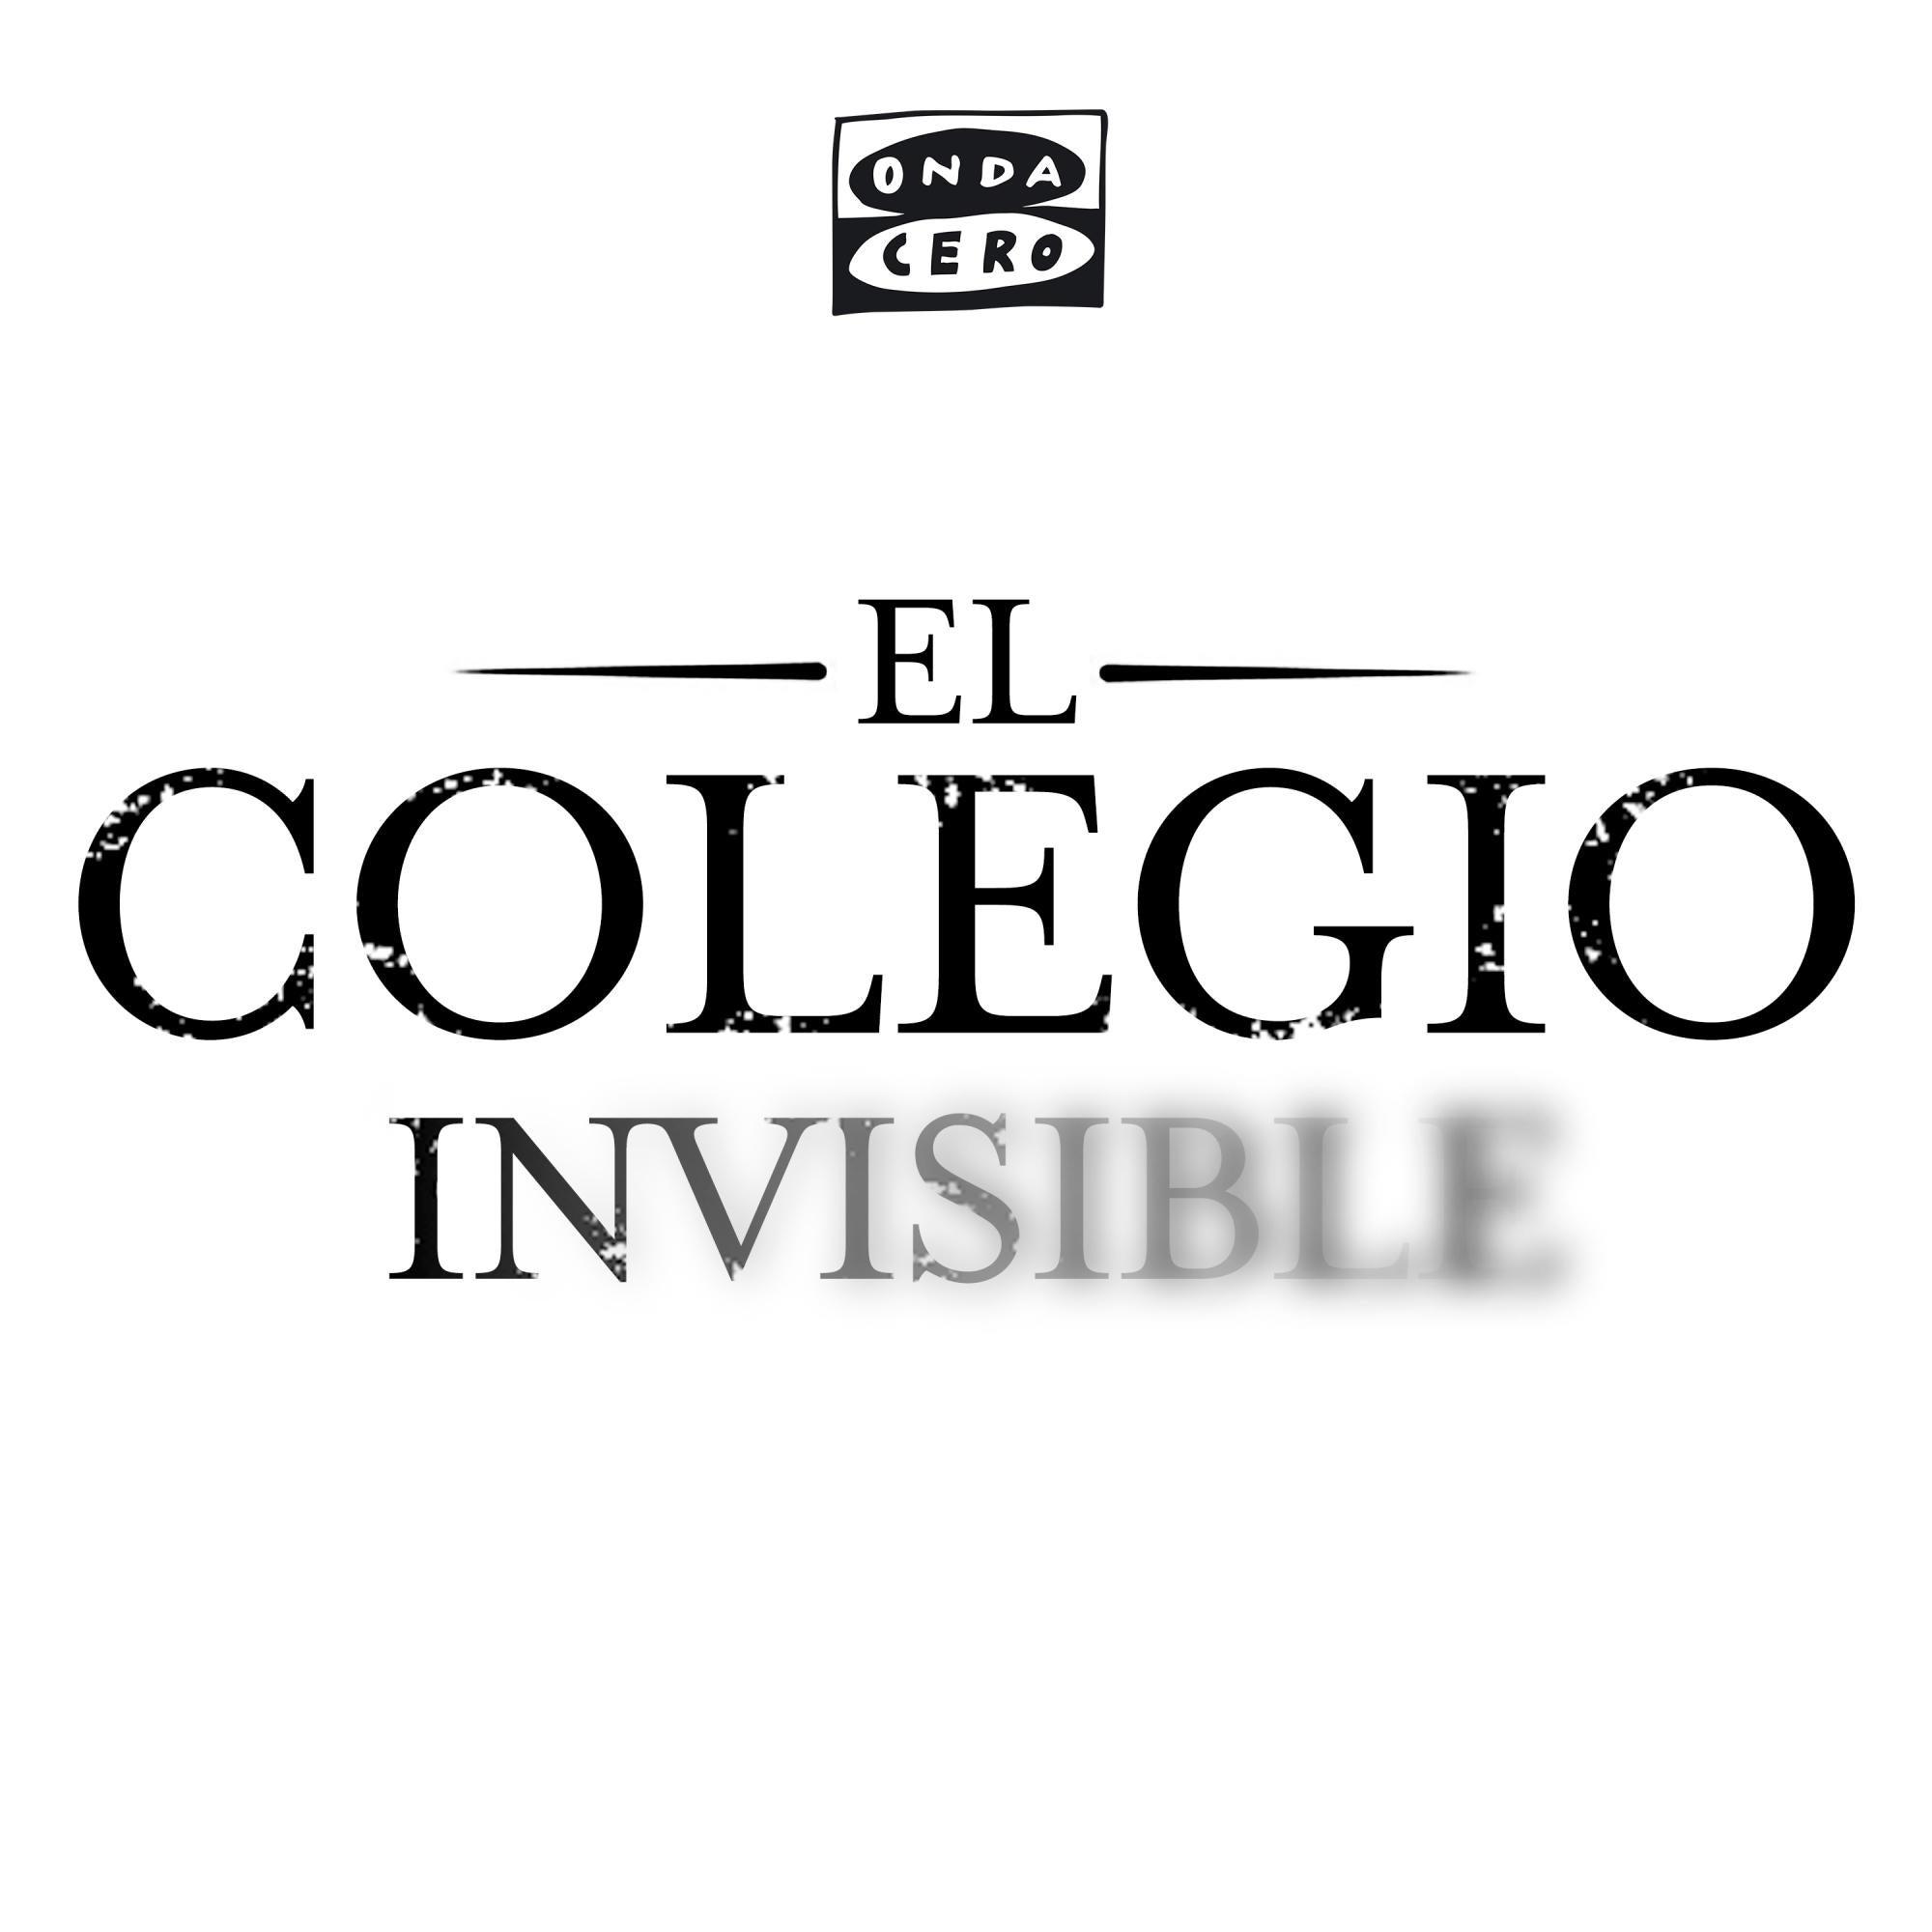 El colegio invisible abrirá sus puertas en Onda Cero